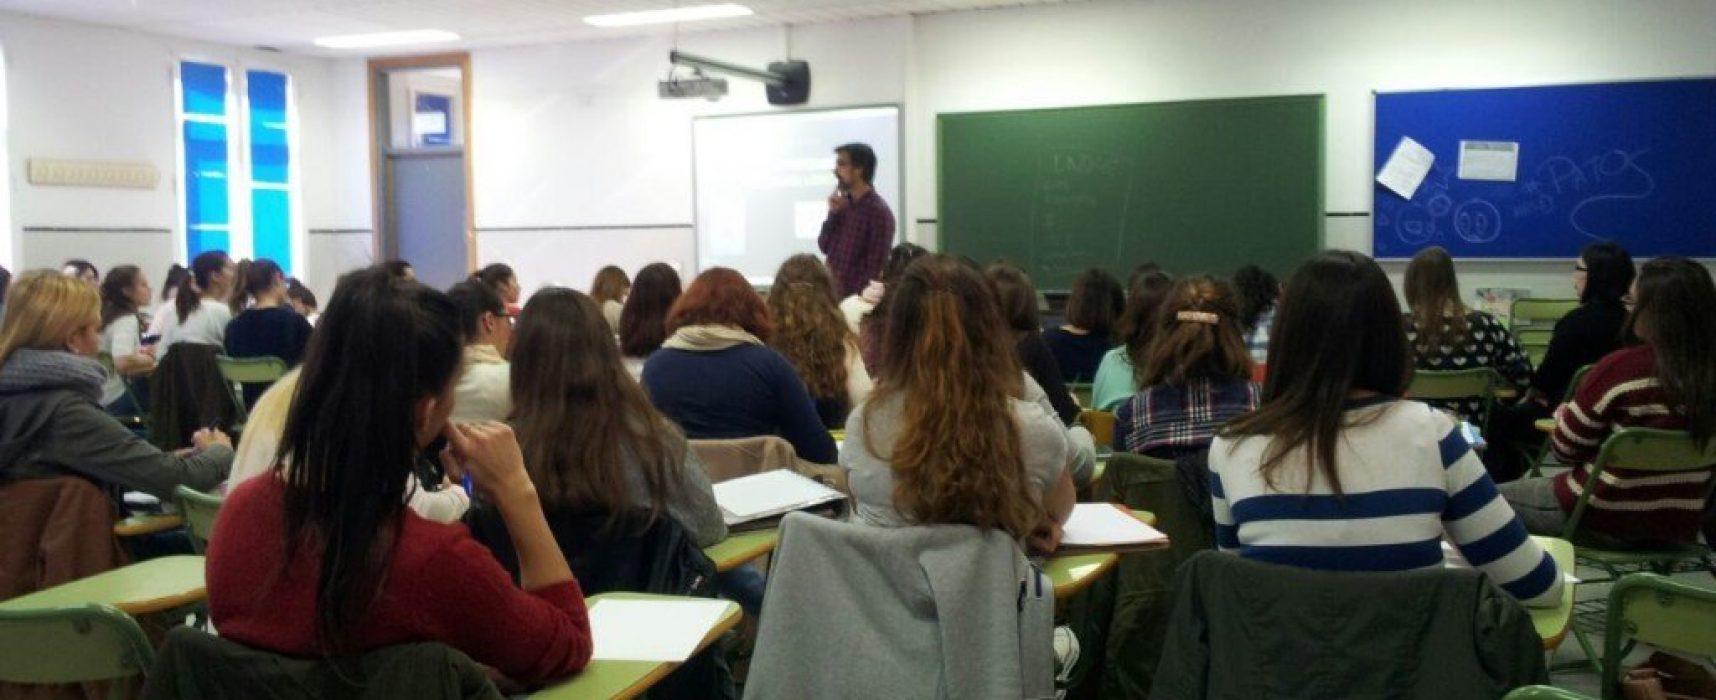 Ponencia sobre ajedrez en la Facultad de Educación de la Universidad de Málaga